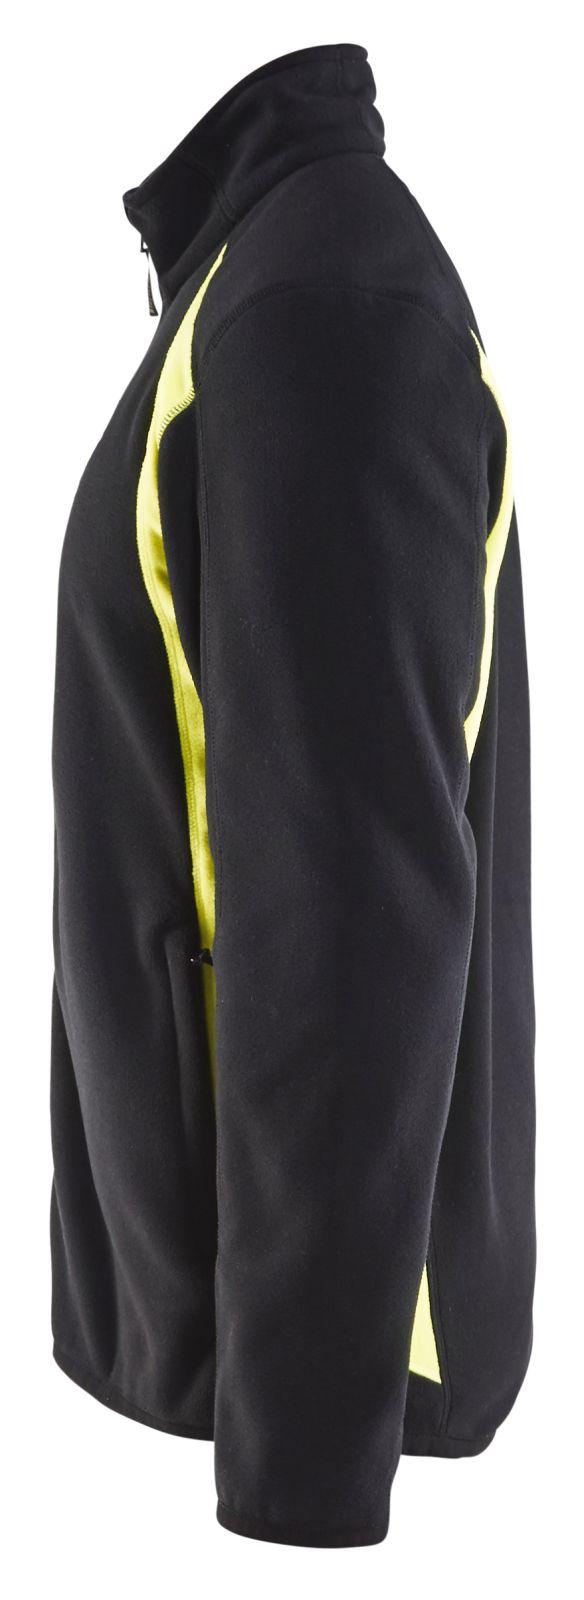 Blaklader Fleece vesten 47302510 zwart-geel(9933)